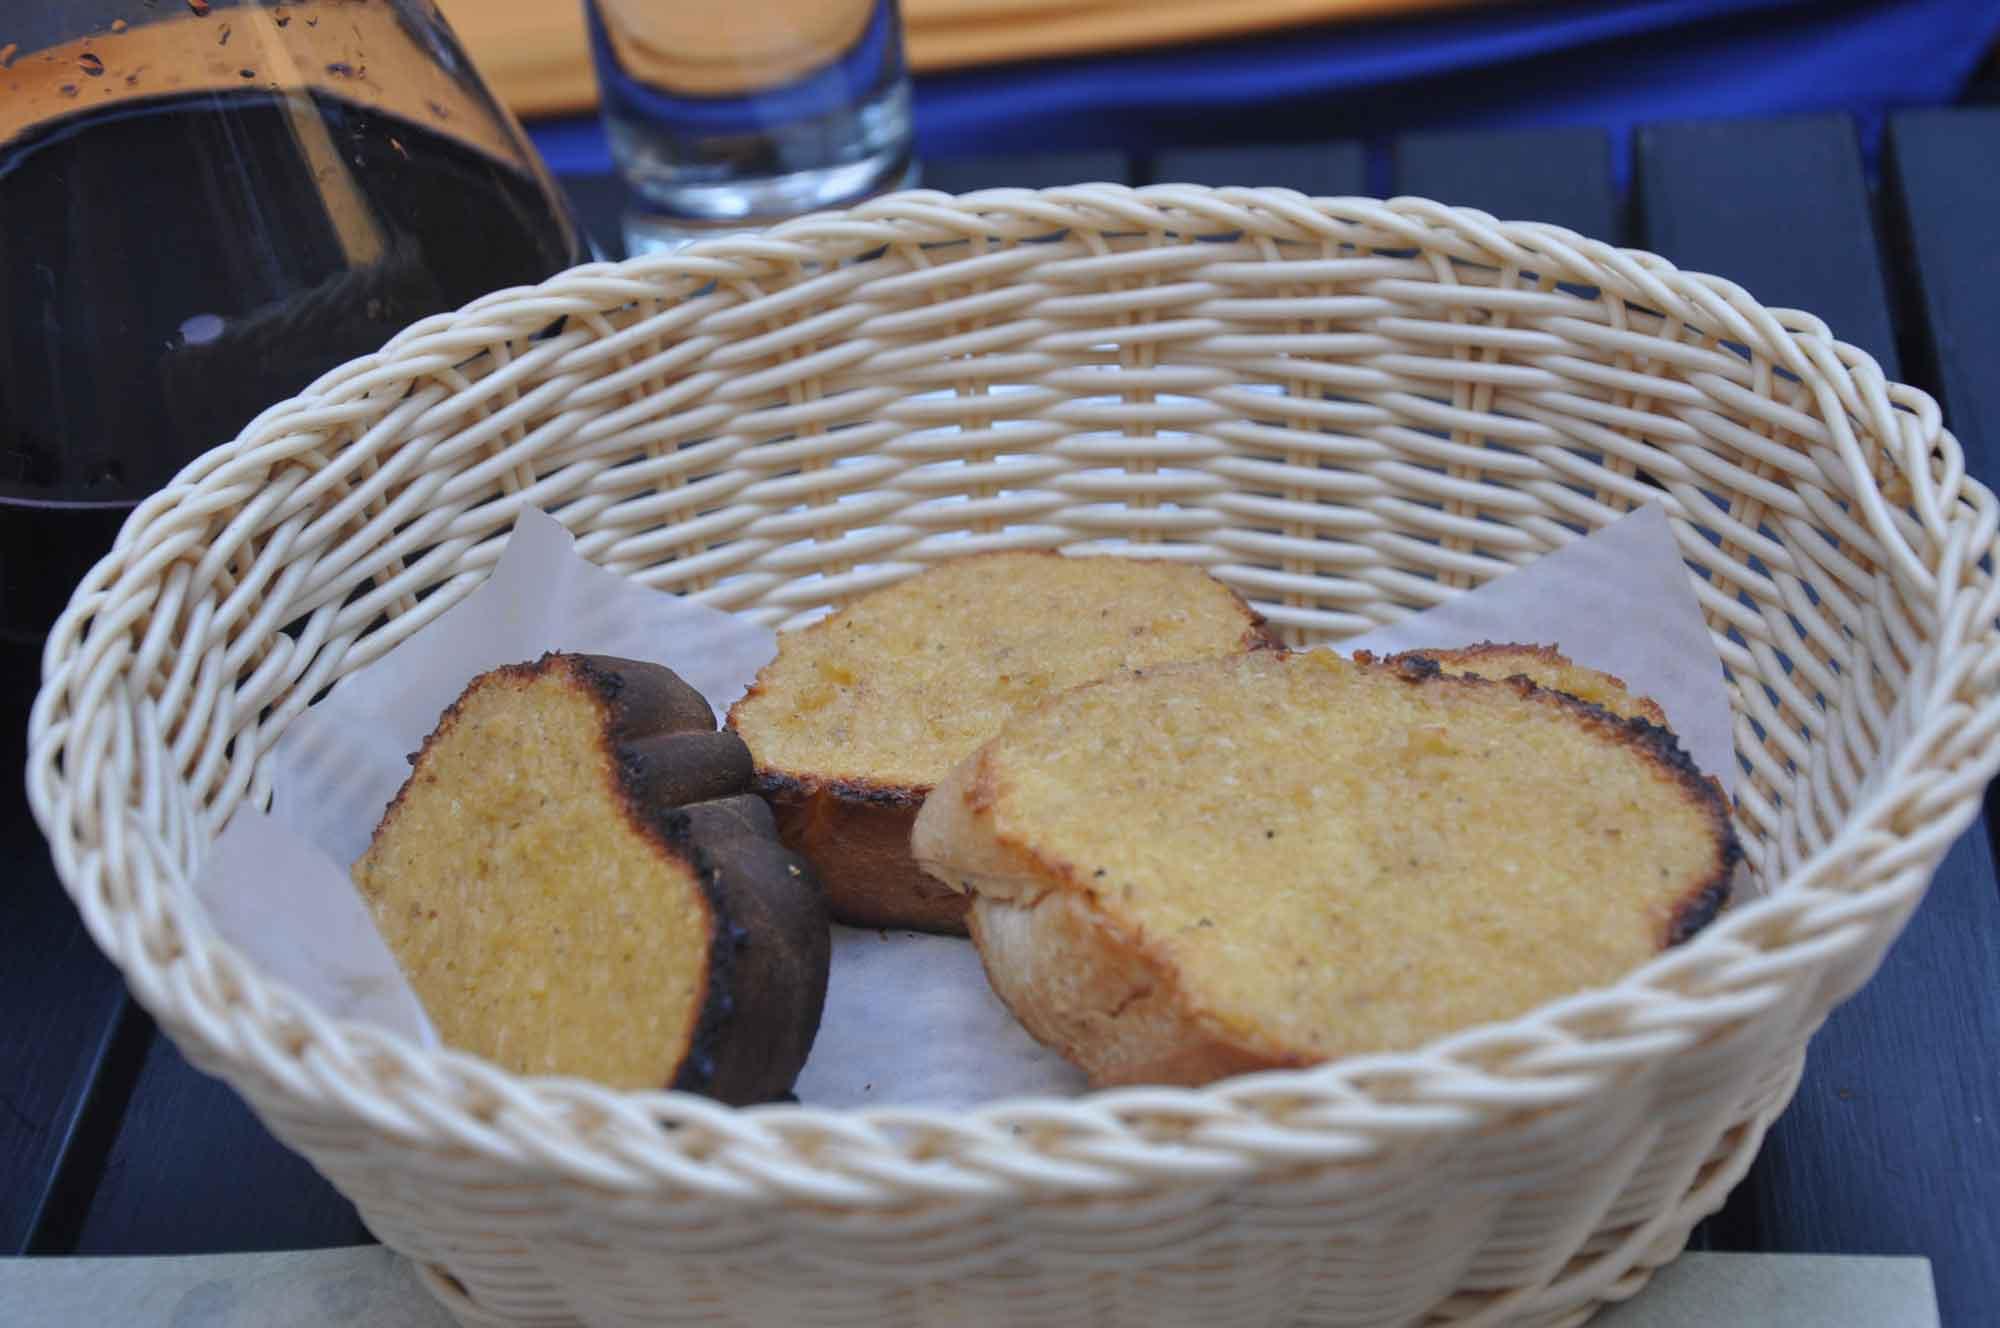 Albergue 1601 garlic bread